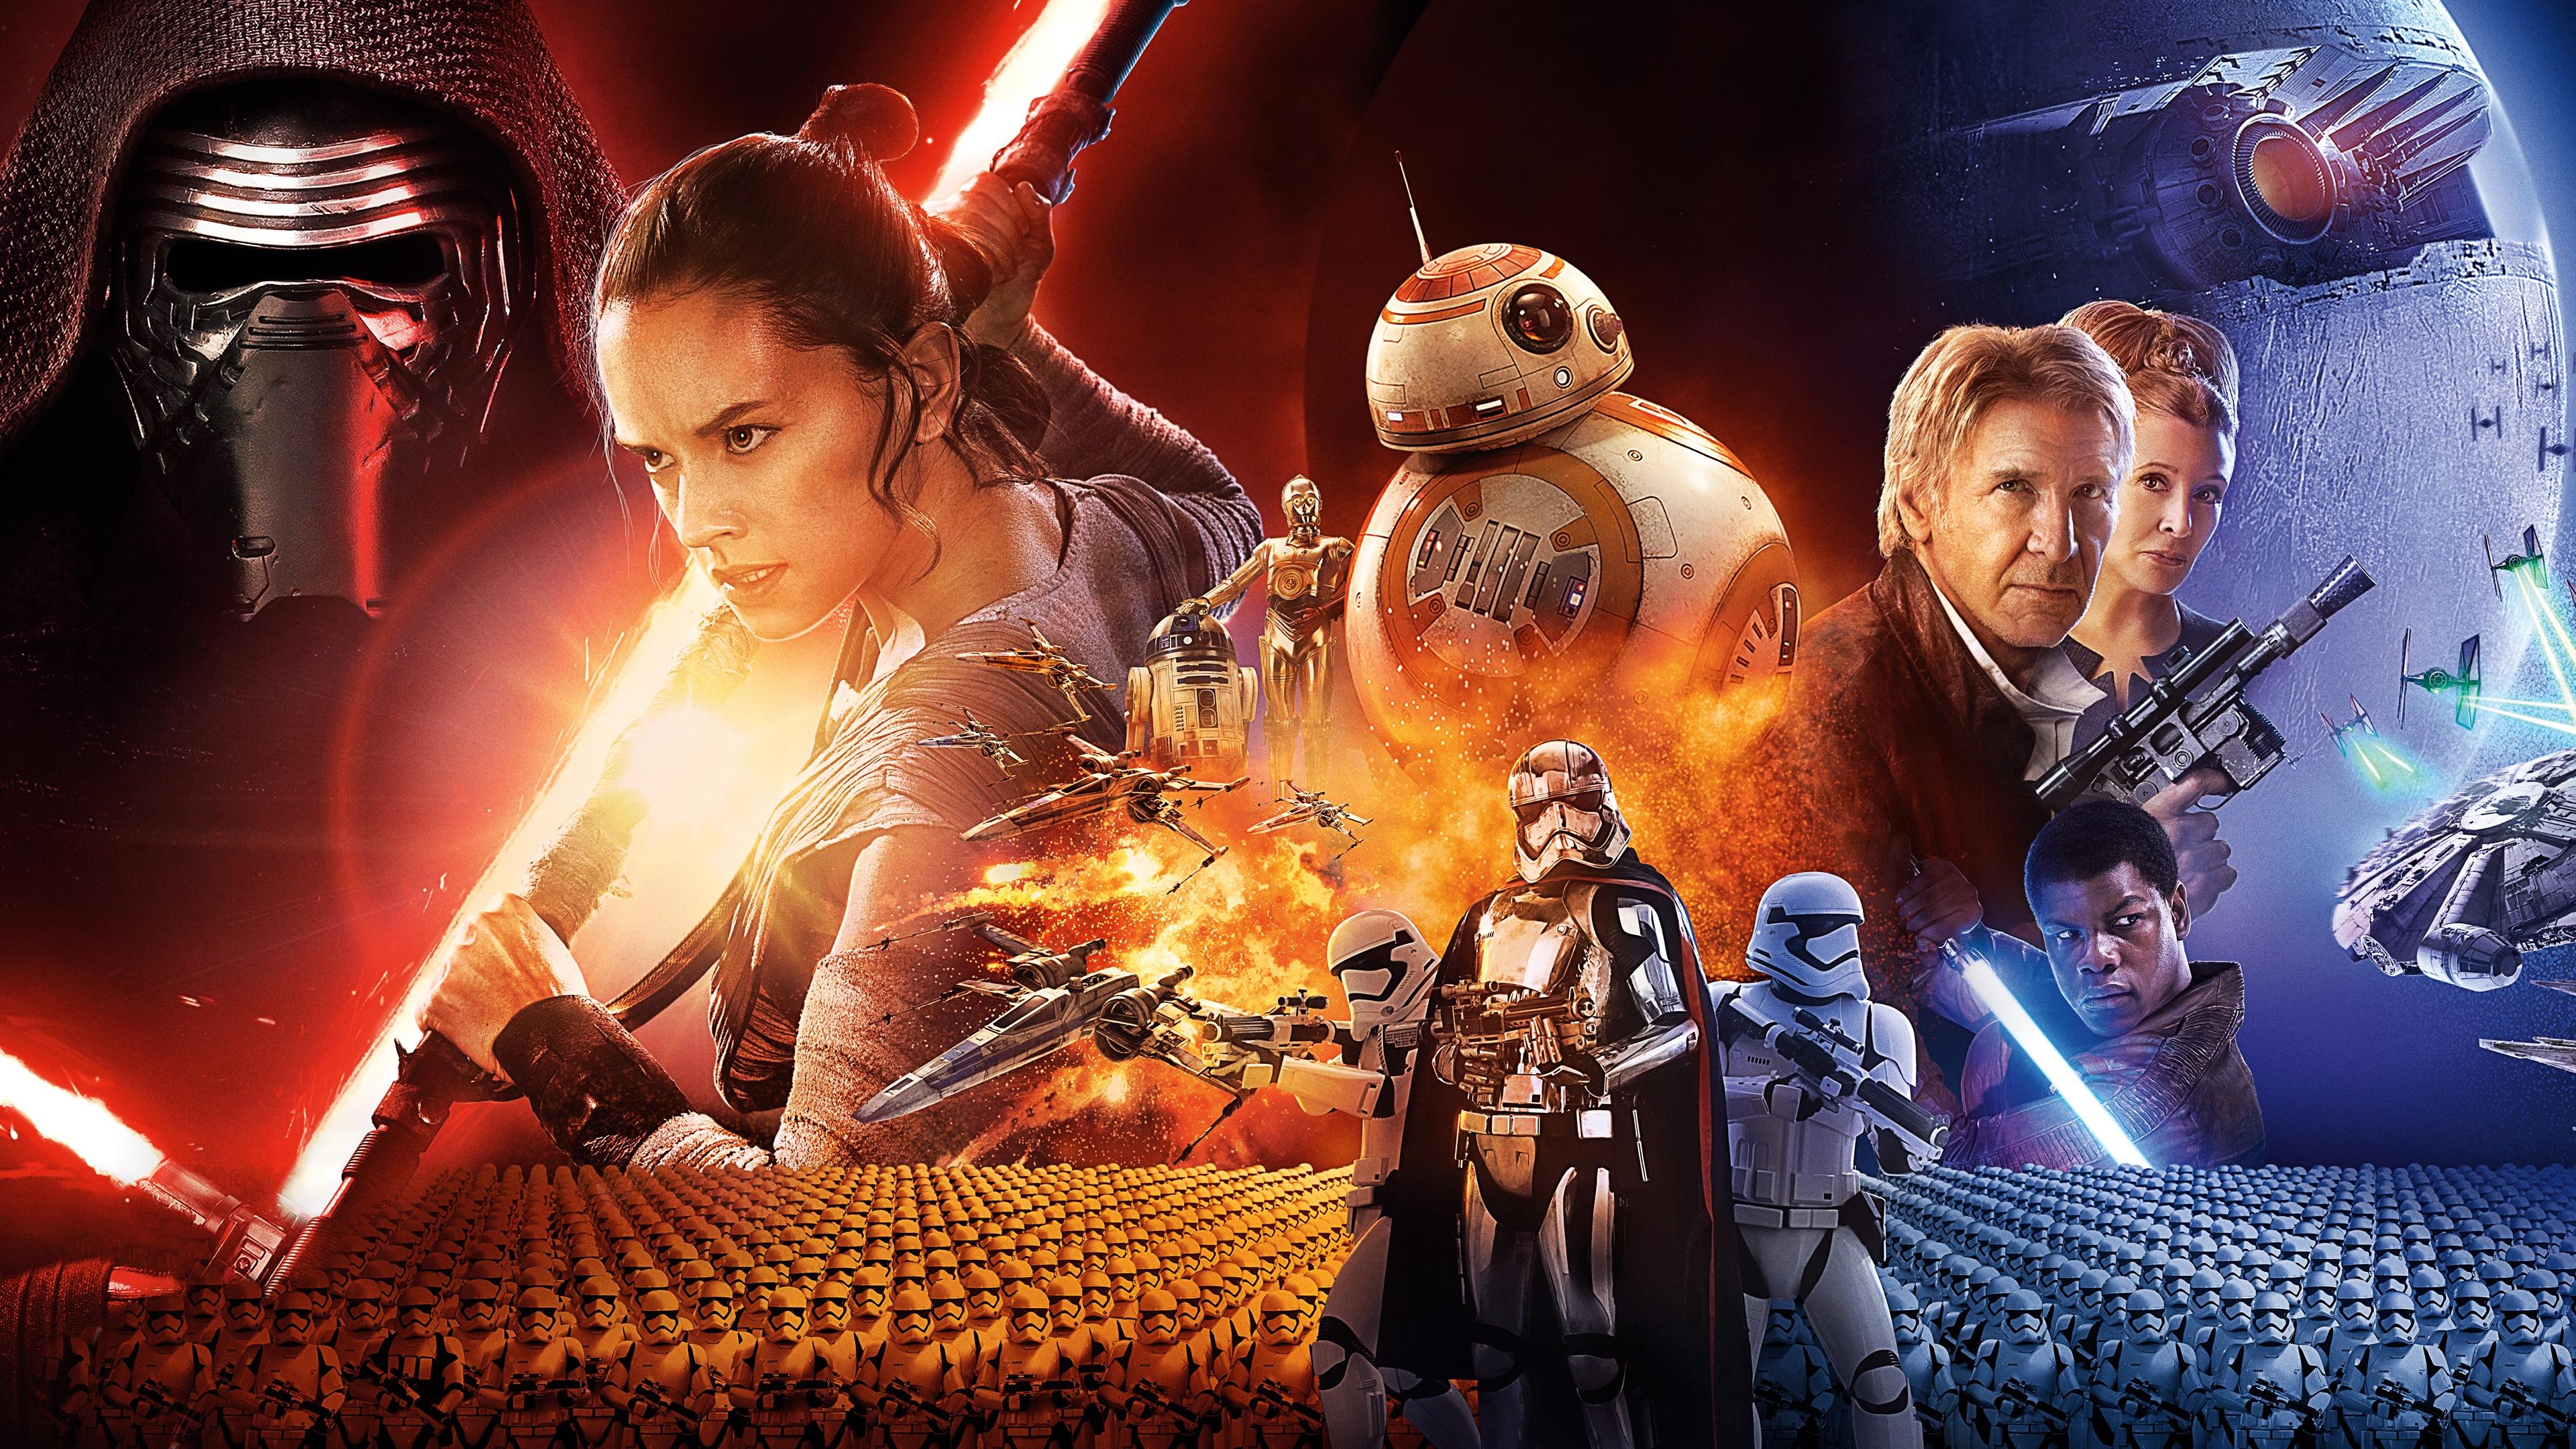 star wars movies - HD1920×1080